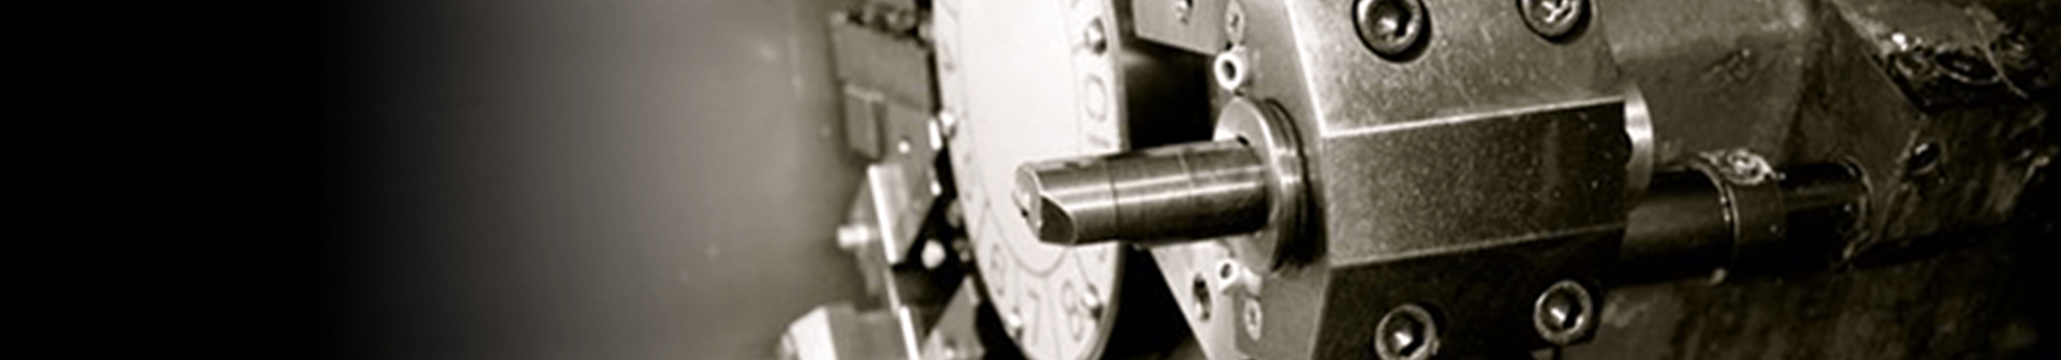 アルミ鋳物部品・ロボットアーム部品の専門メーカー伸和工作